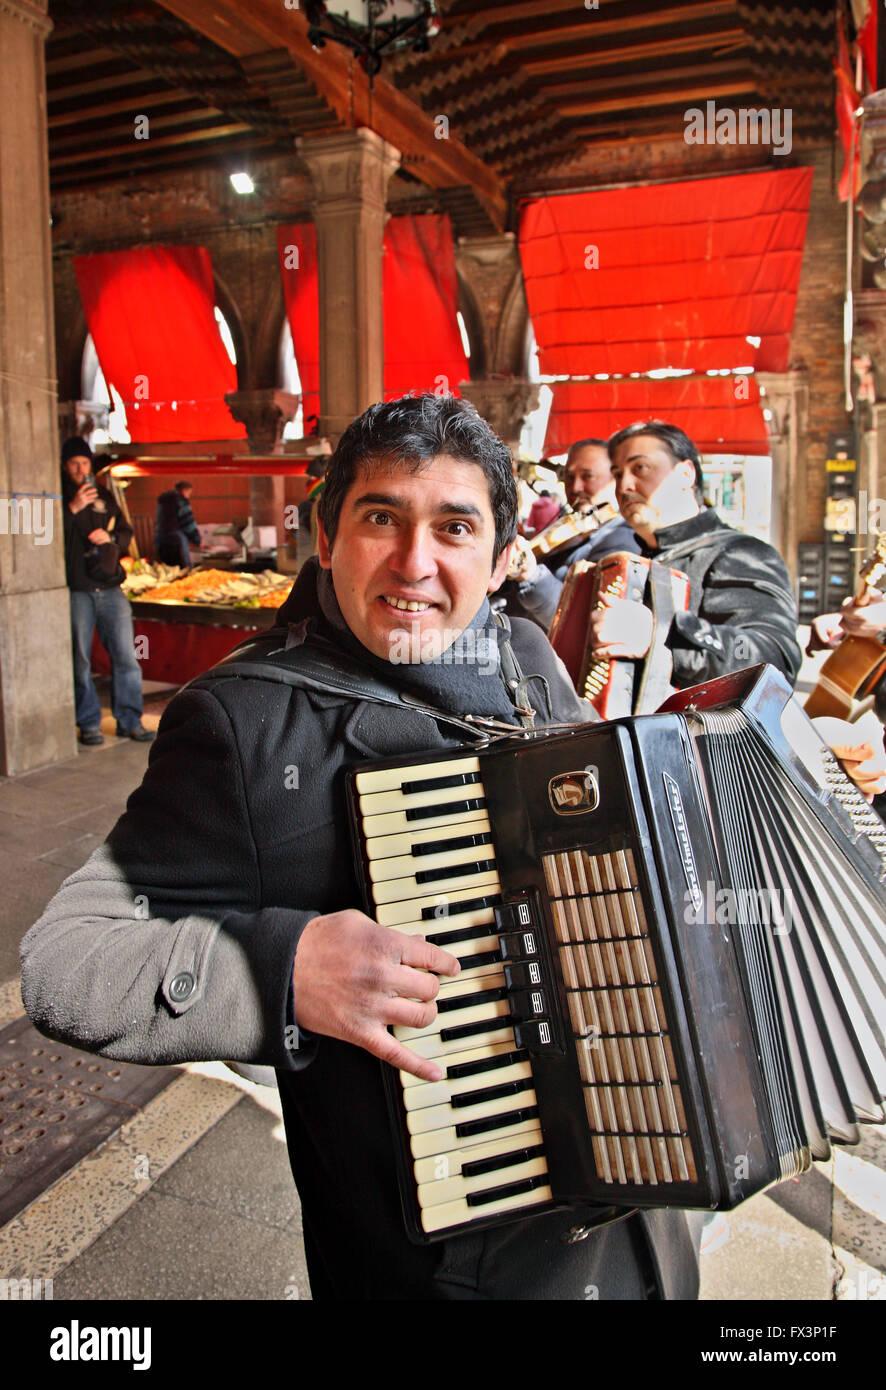 Street musician in  Mercato di Rialto, the traditional market close to the famous bridge, Sestiere di San Polo, - Stock Image